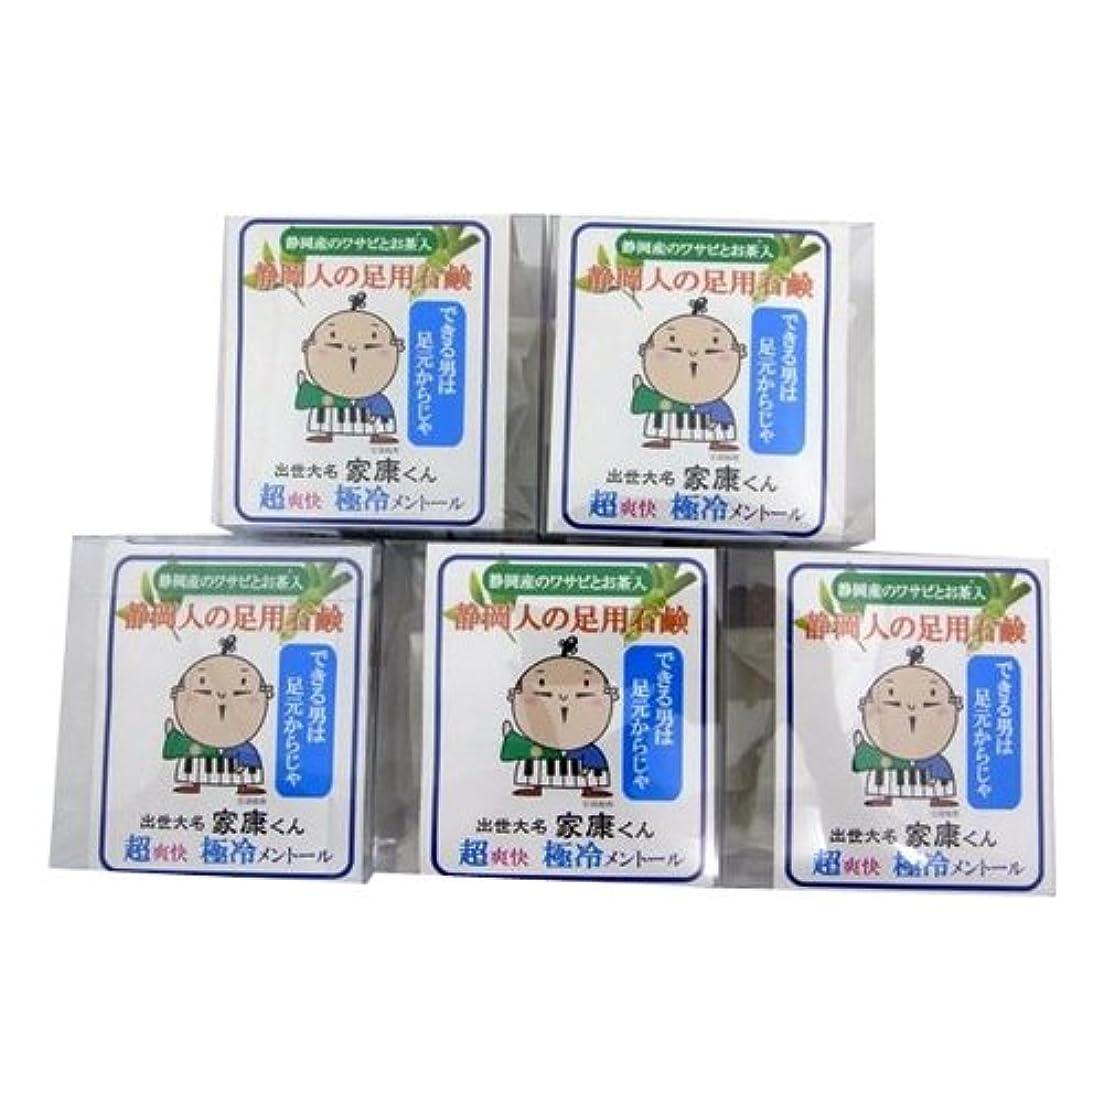 バスタブゆでる社会主義エコライフラボ 静岡人の足用石鹸60g (ネット付) 5個セット